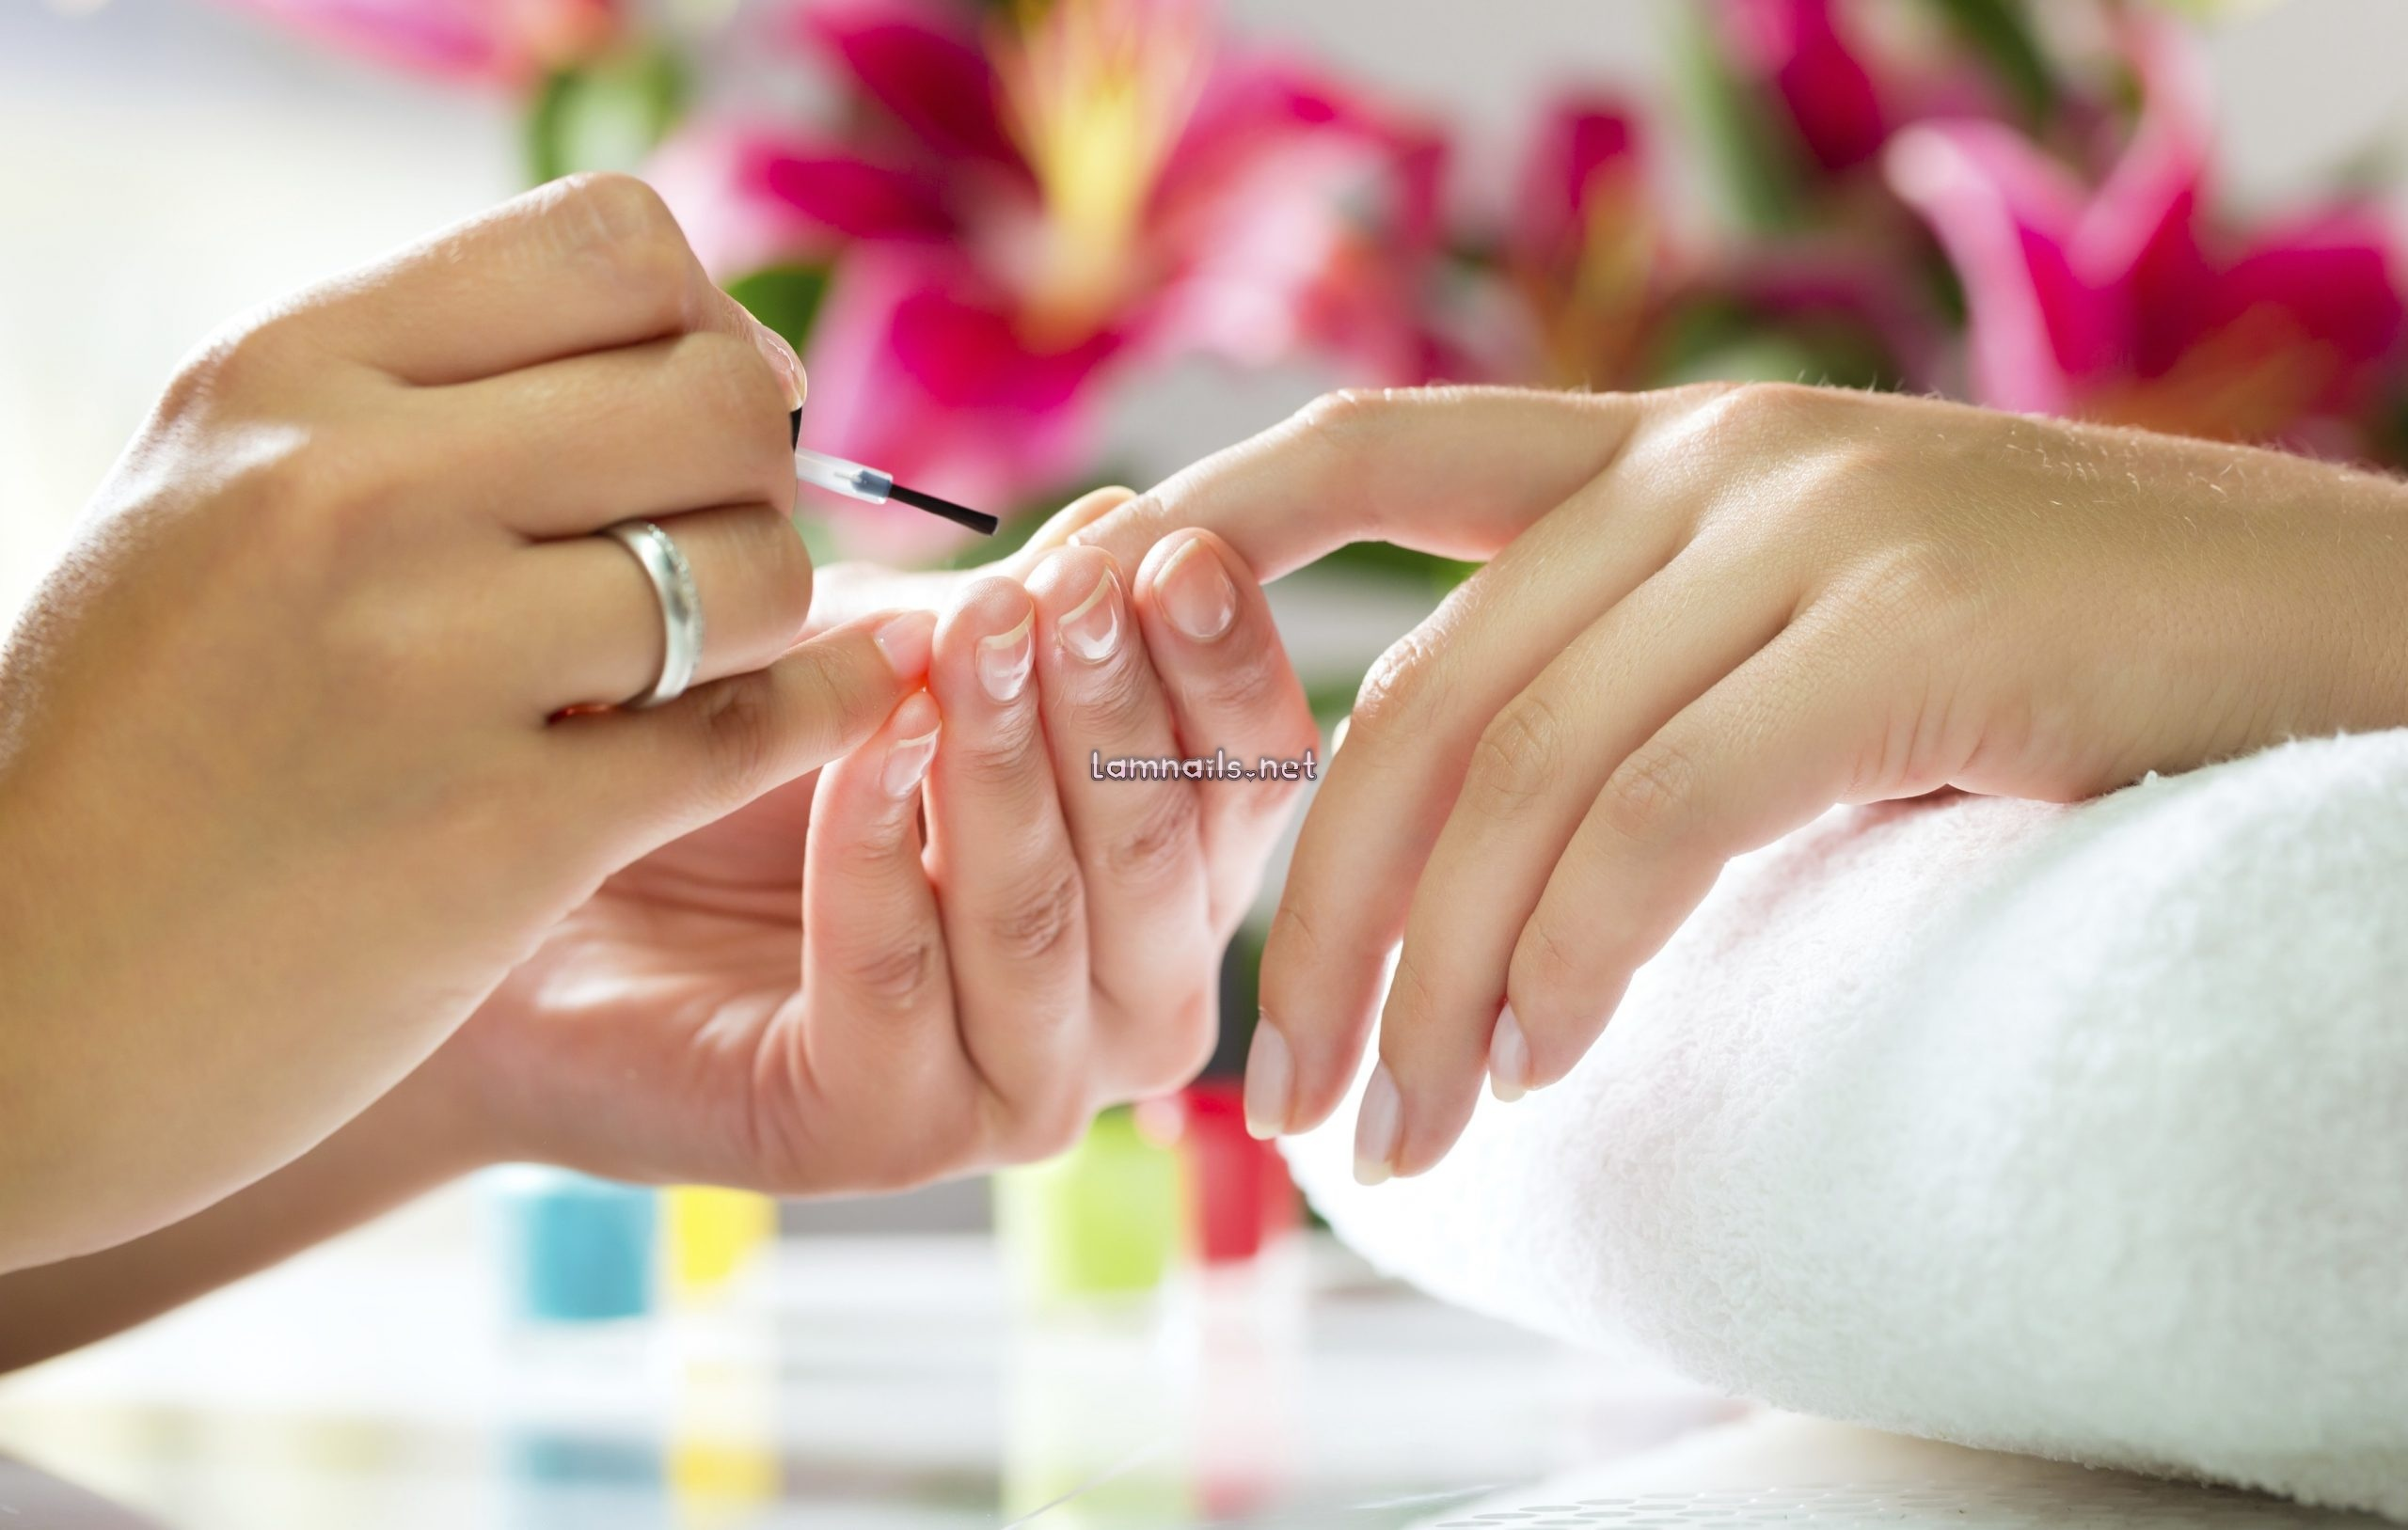 55 câu tiếng anh giao tiếp trong nghề nails - Tiếng anh tại tiệm Nails - Tiếng Anh ABC